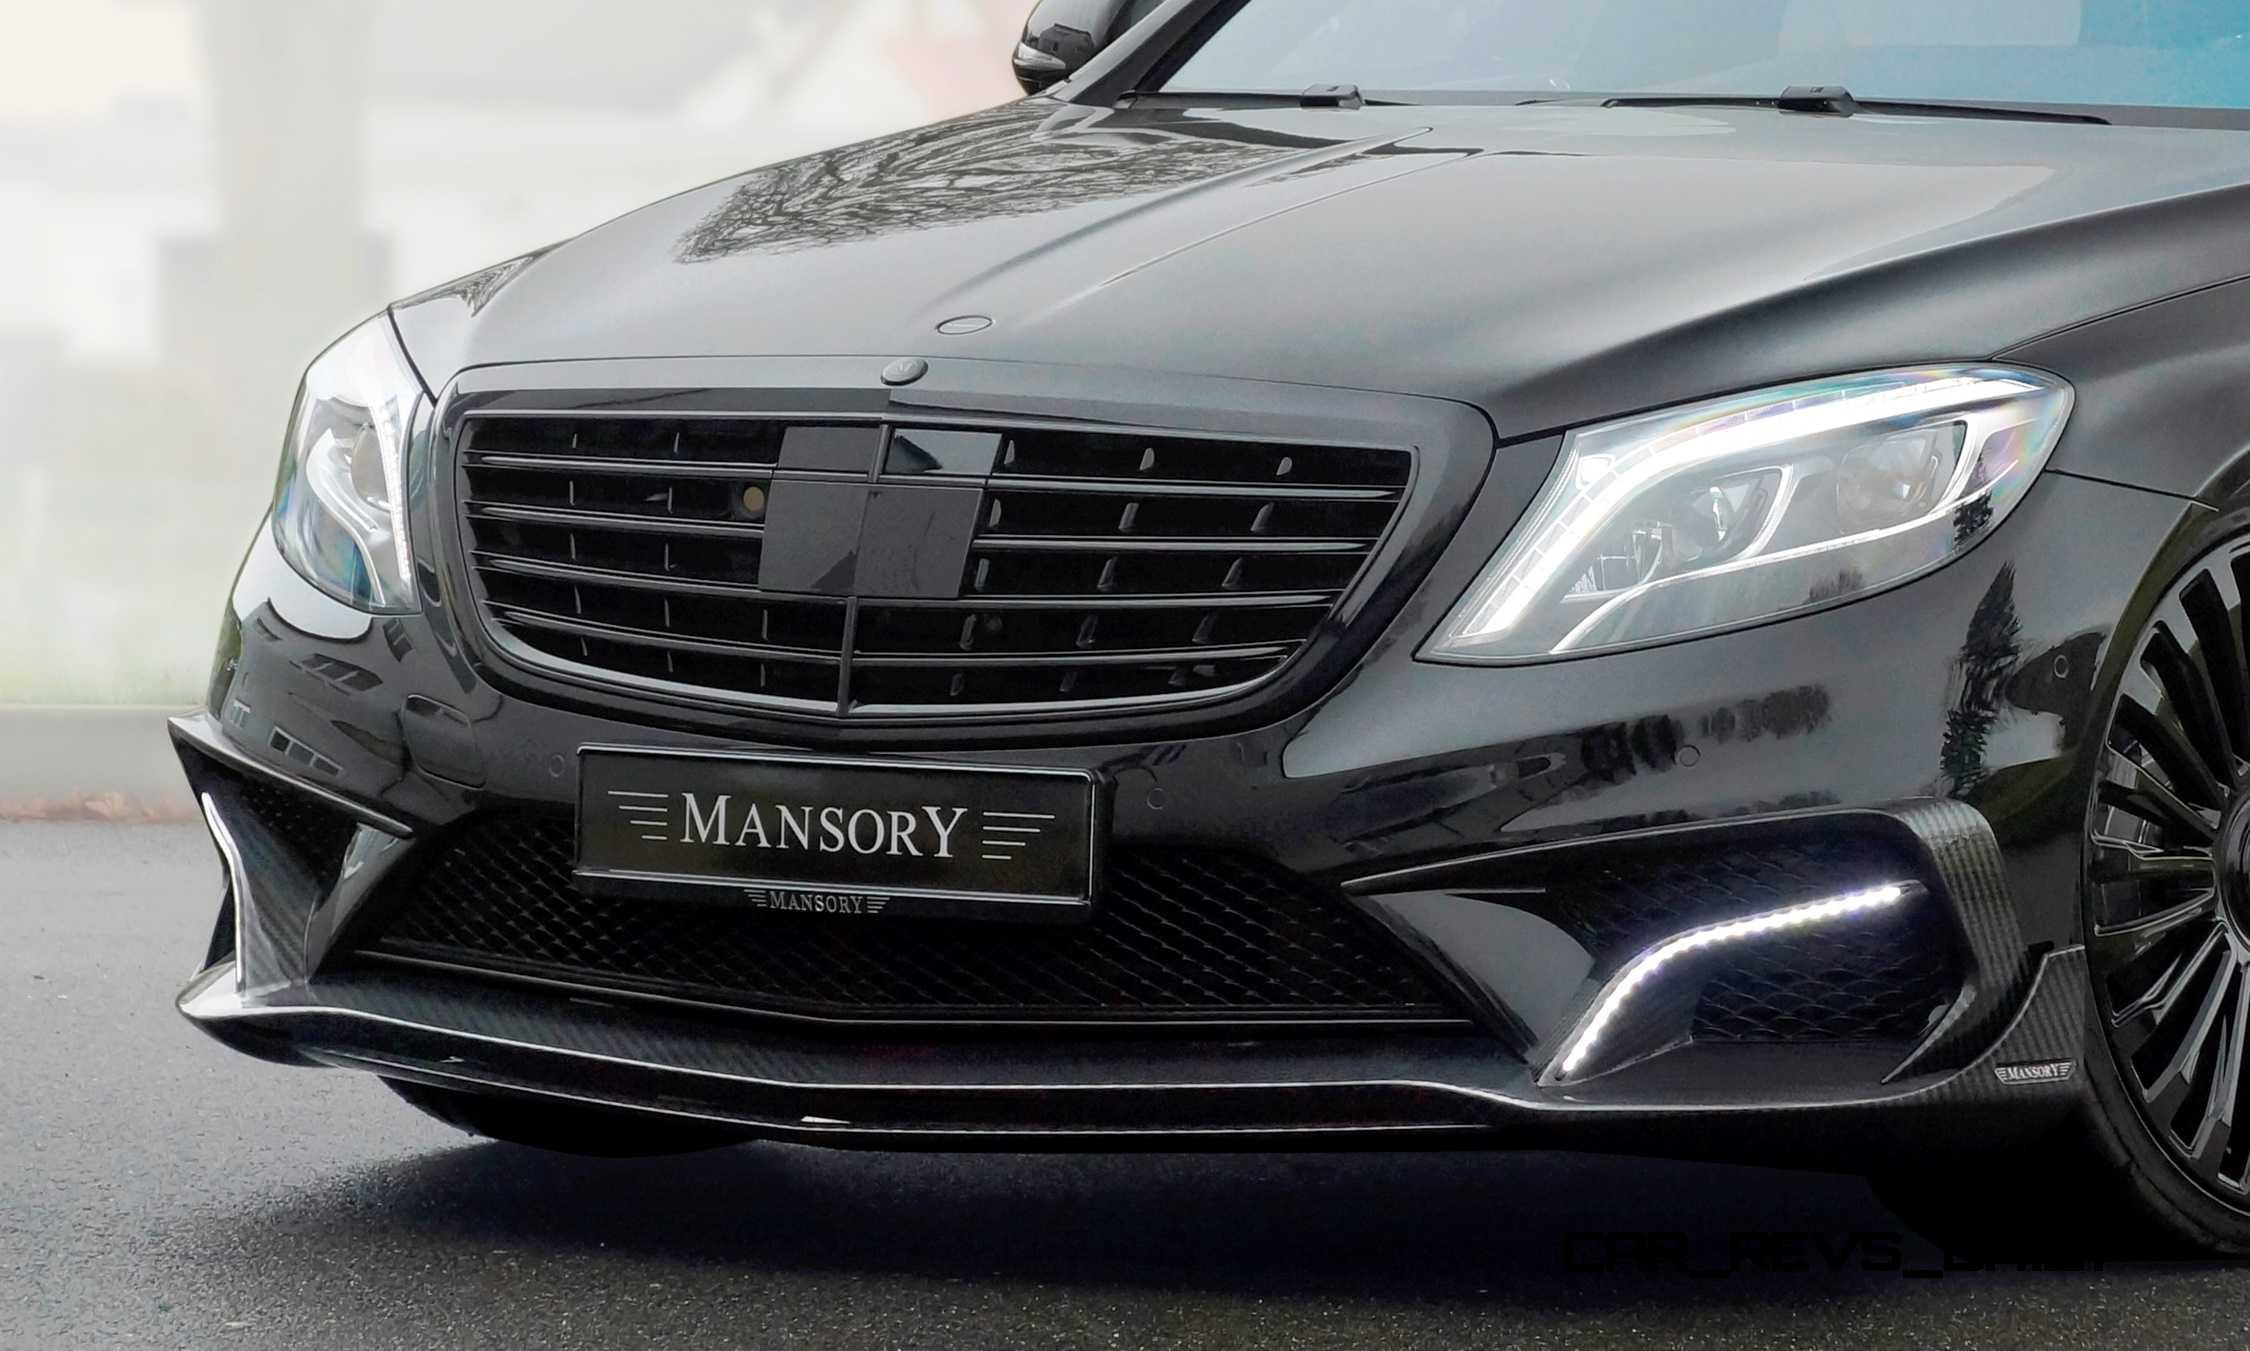 MANSORY S63 AMG